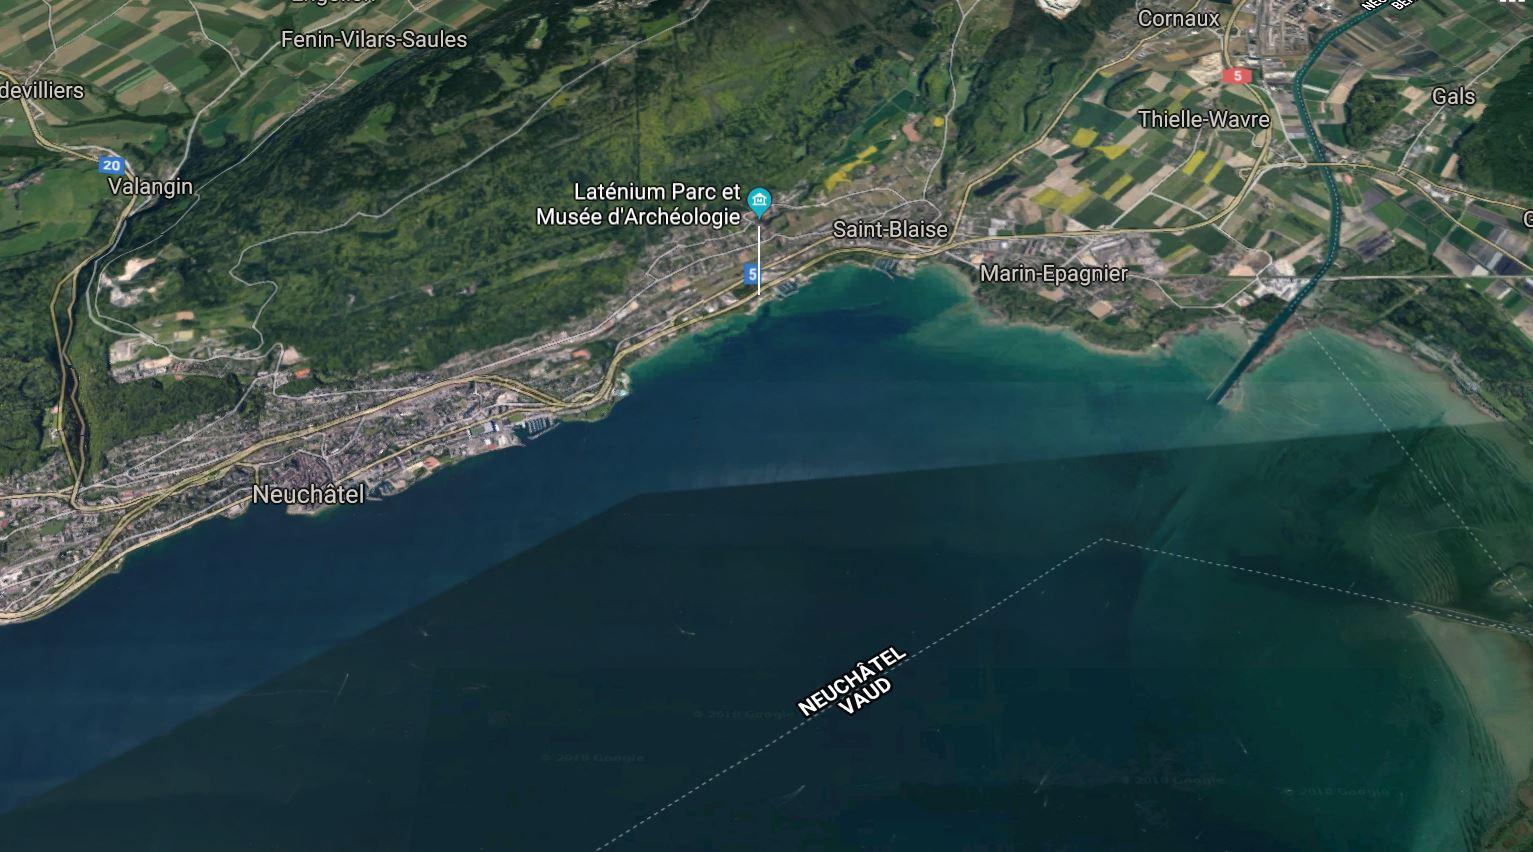 Verblijfplaats Auk in Zwitserland.